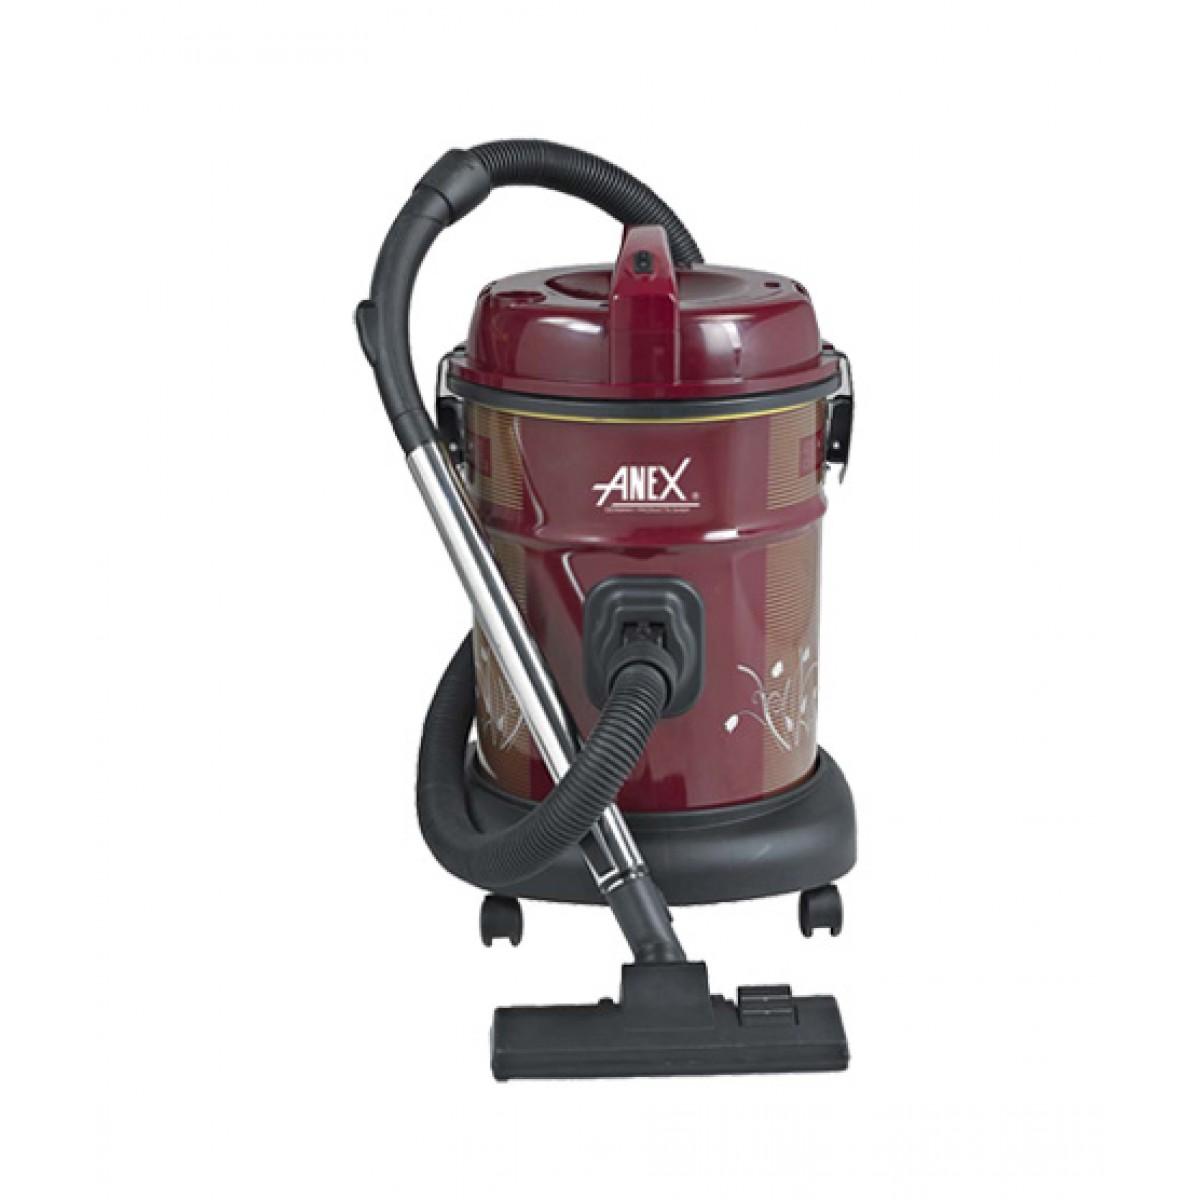 Anex Drum Vacuum Cleaner AG-2098